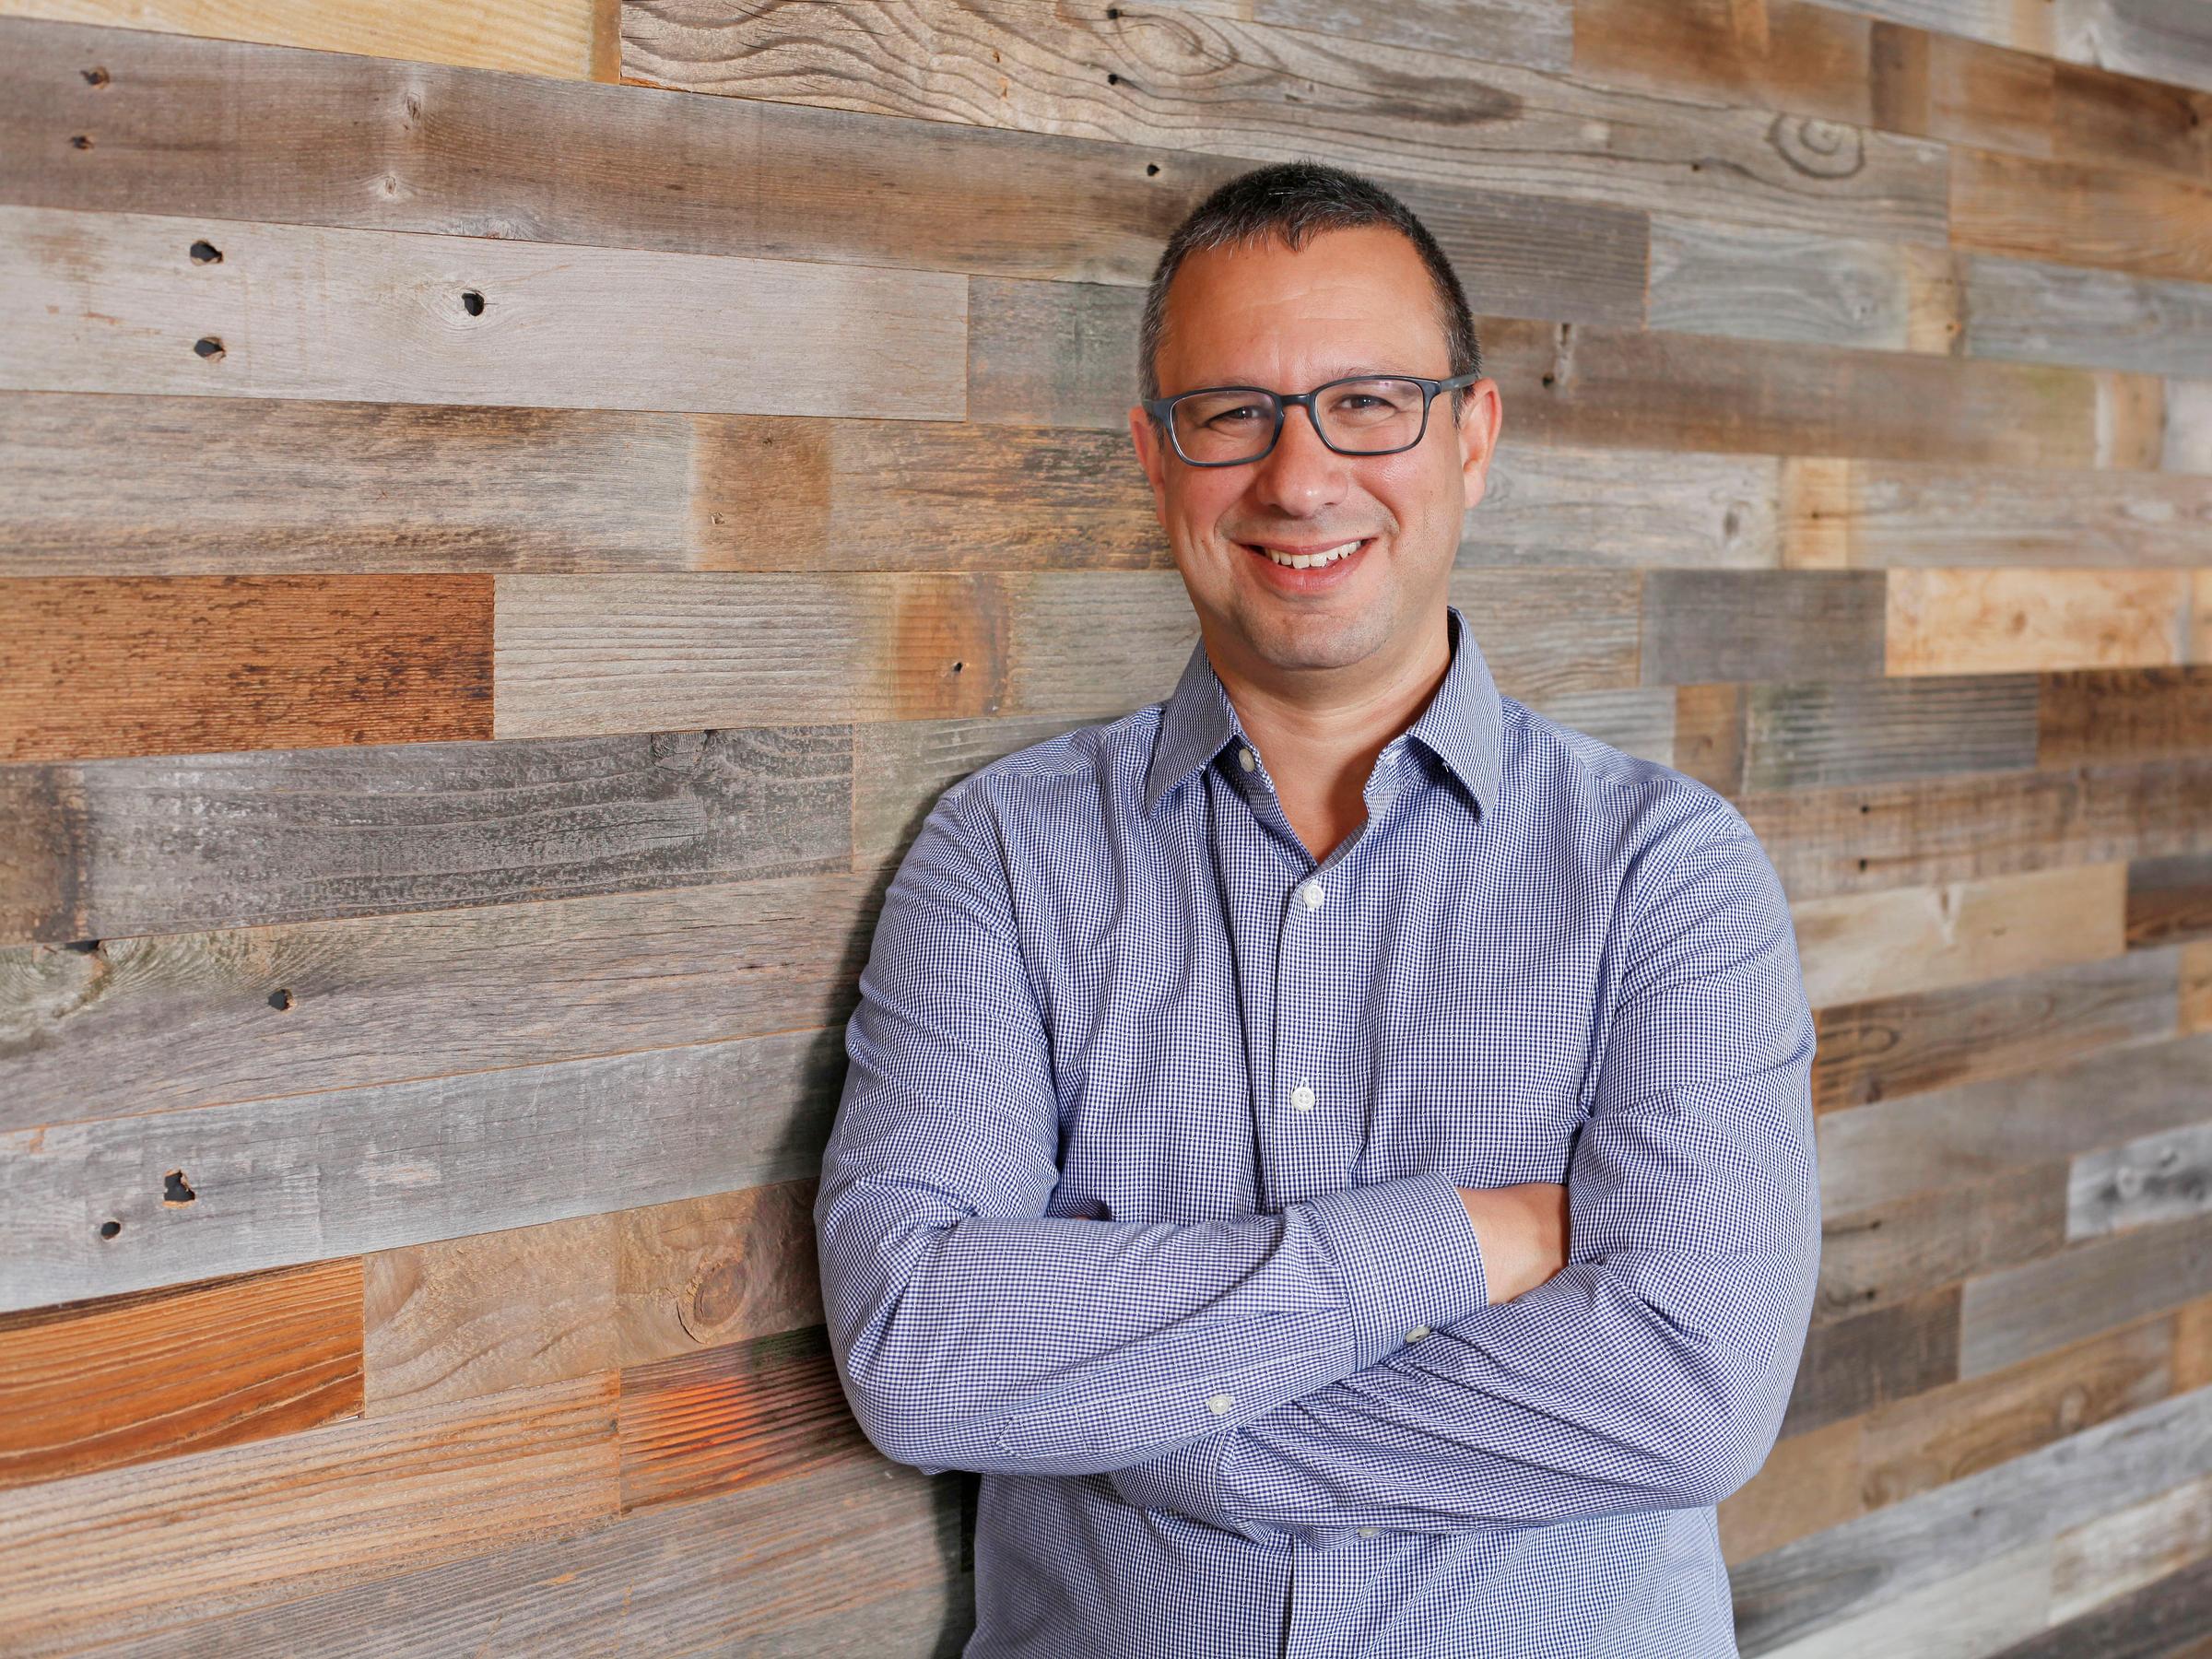 TripActions CEO Ariel Cohen